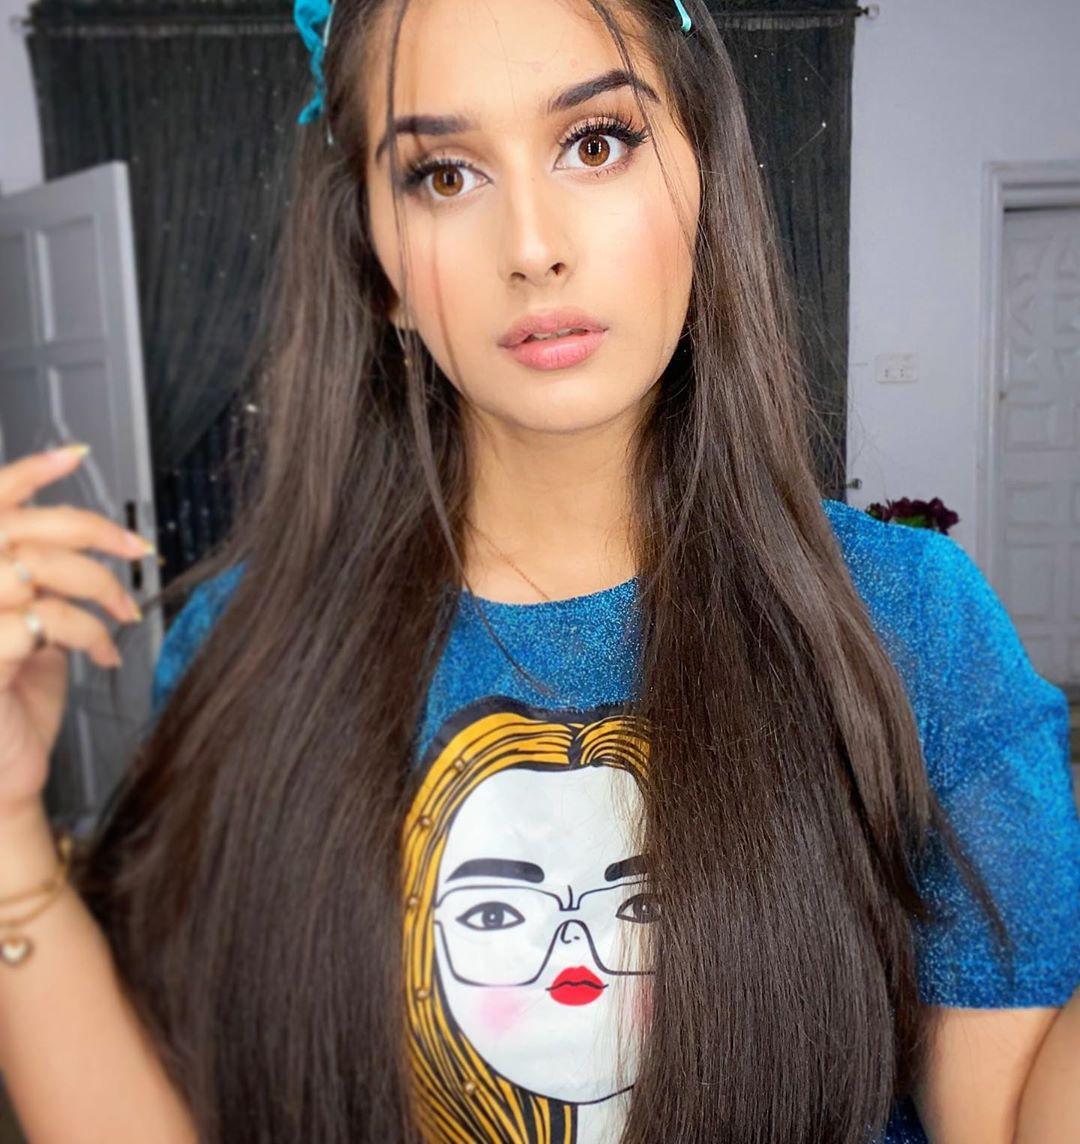 Alishbah Anjum Black Hair Color, Face Makeup Ideas, Natural Glossy Lips